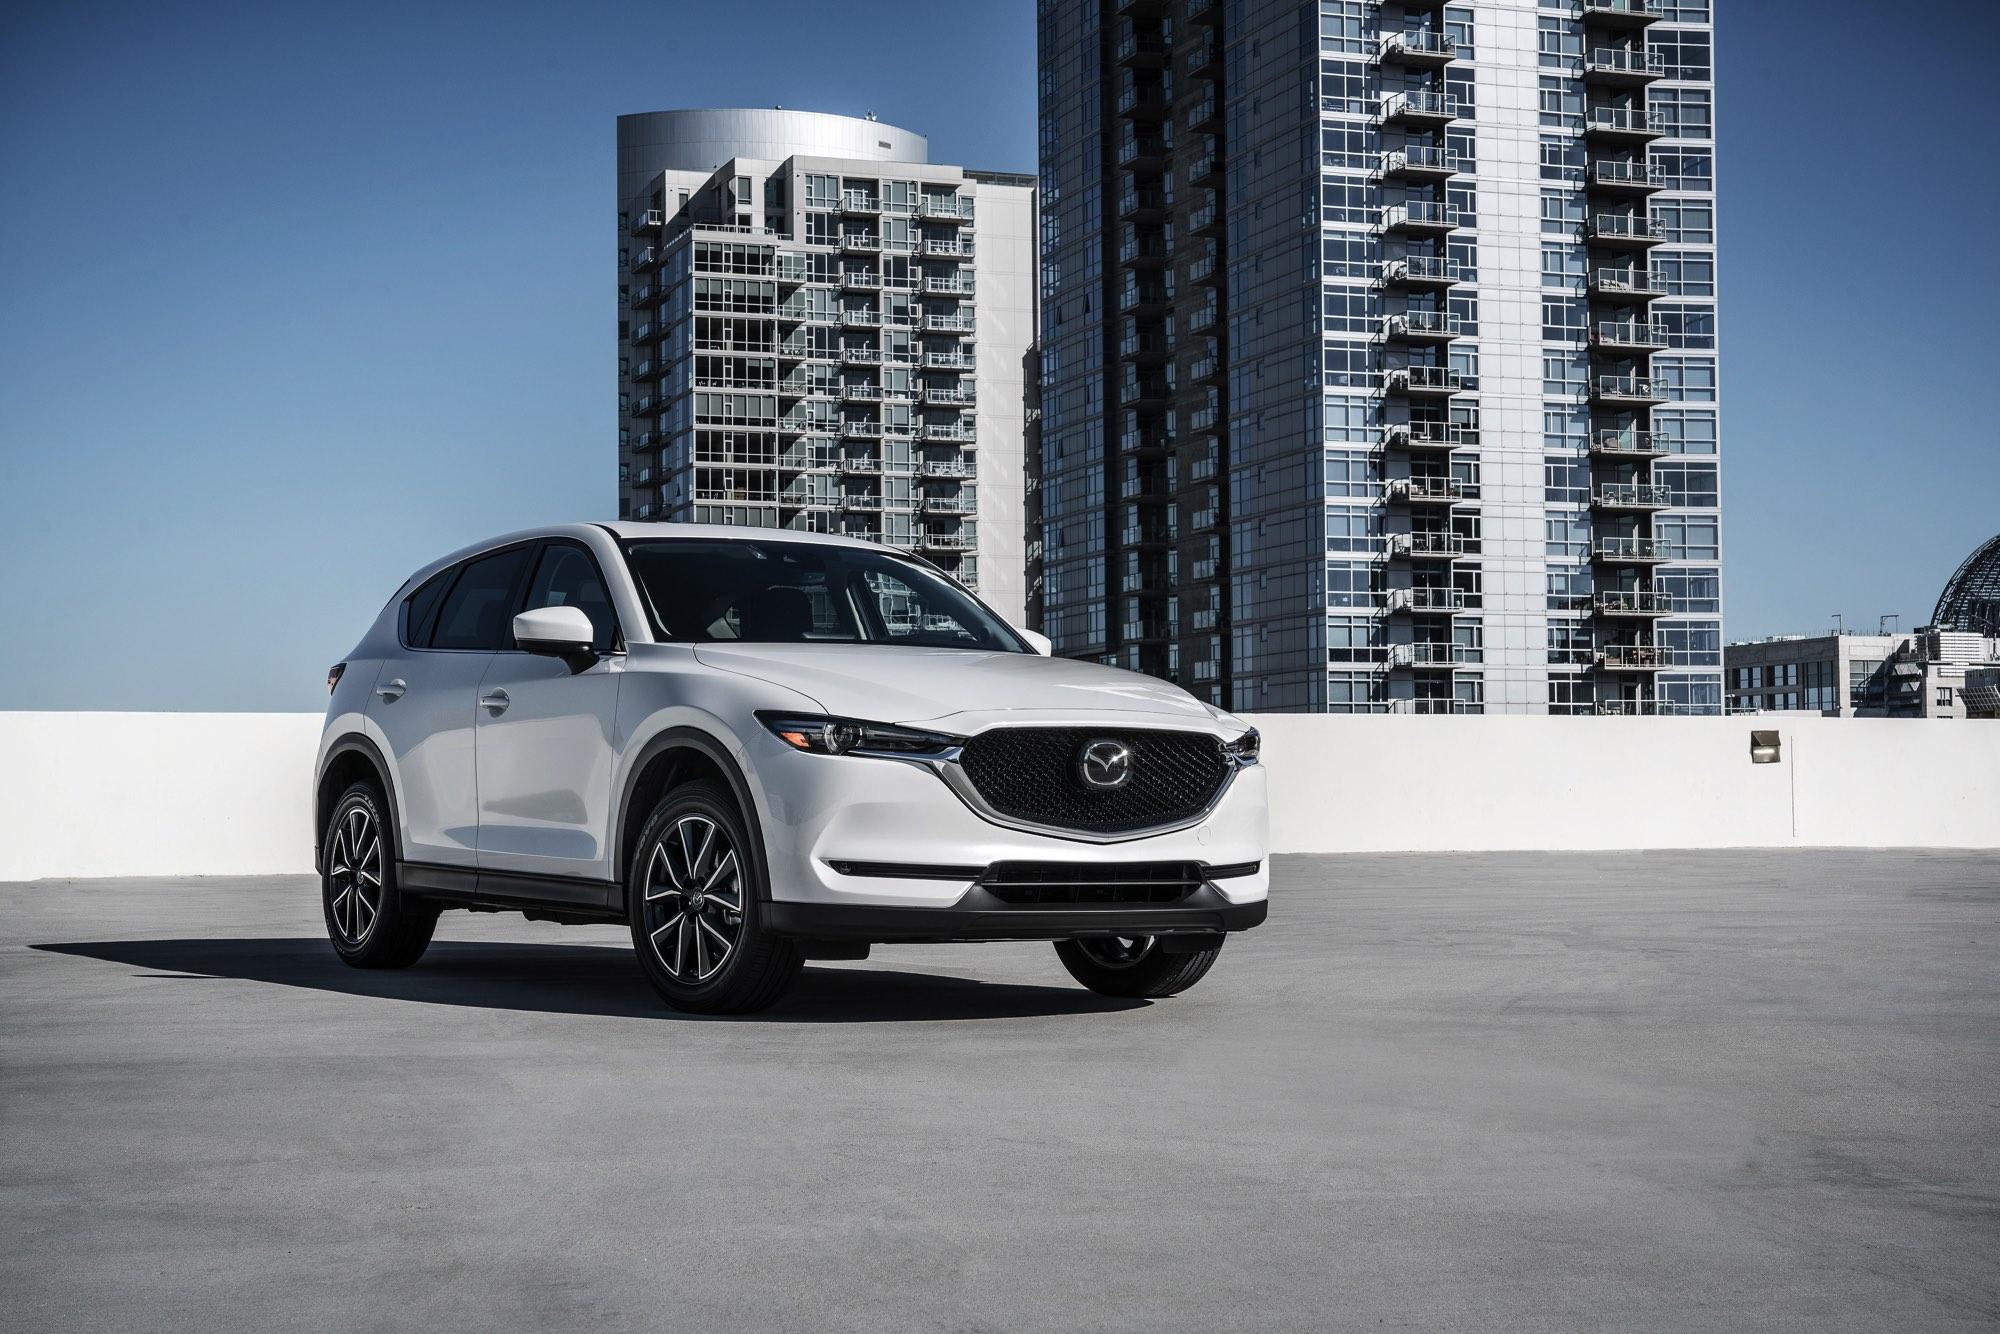 2017-Mazda-CX-5-3-1